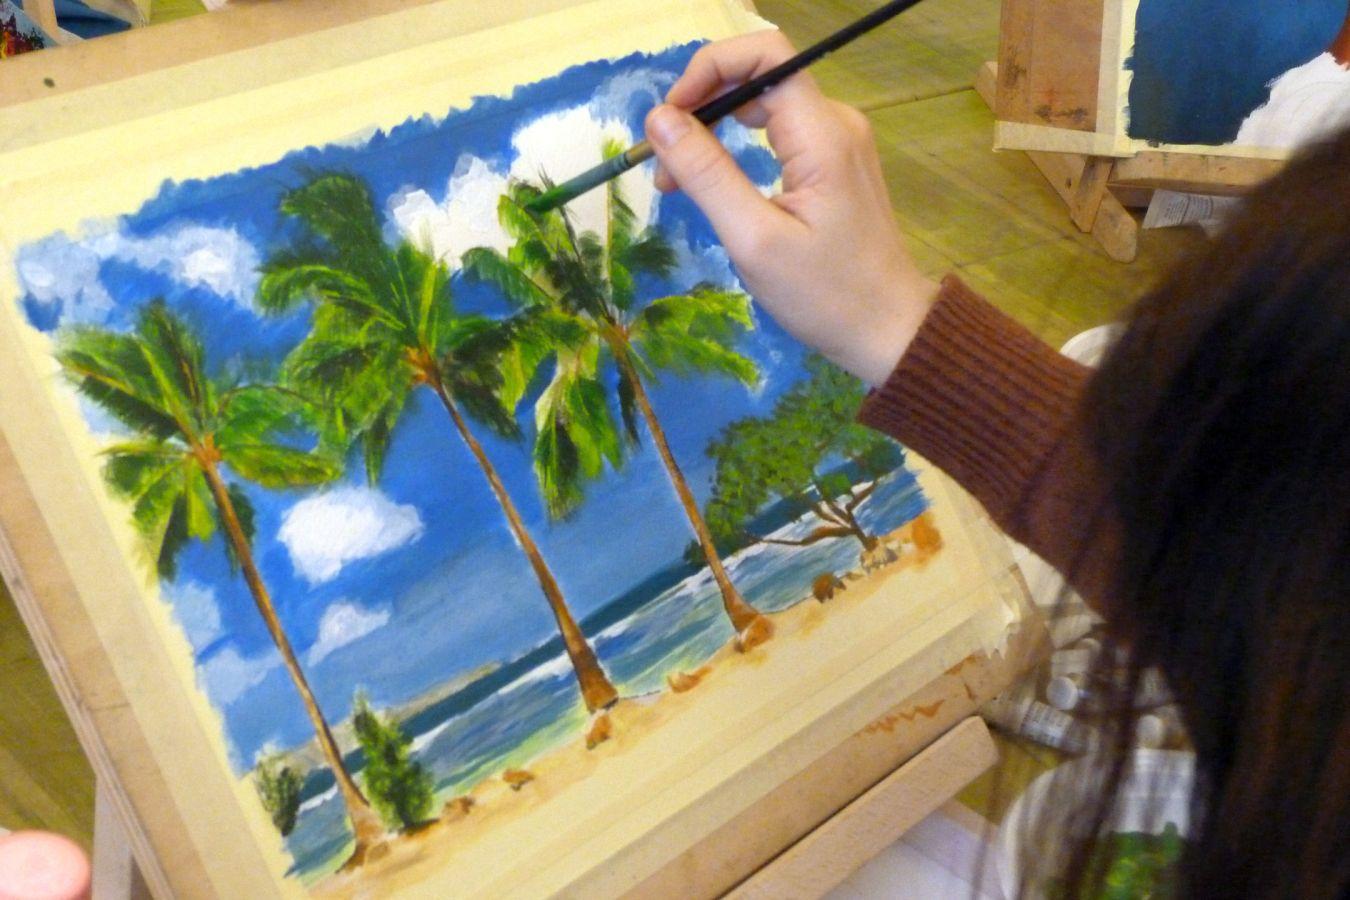 Festőtanfolyam munka közben